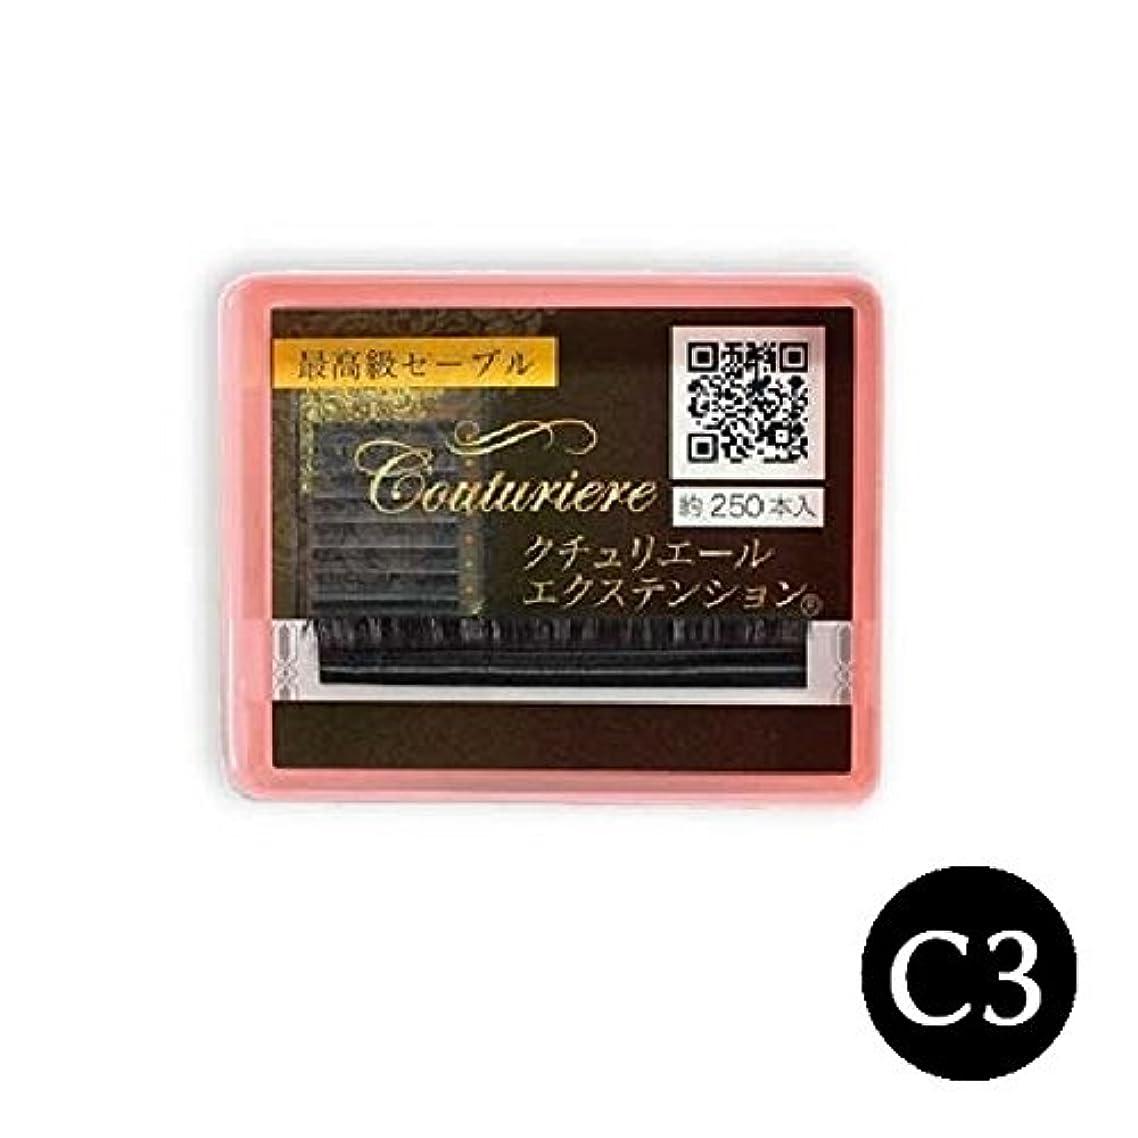 上院舌な閃光まつげエクステ マツエク クチュリエール C3カール (1列) (0.15mm 10mm)